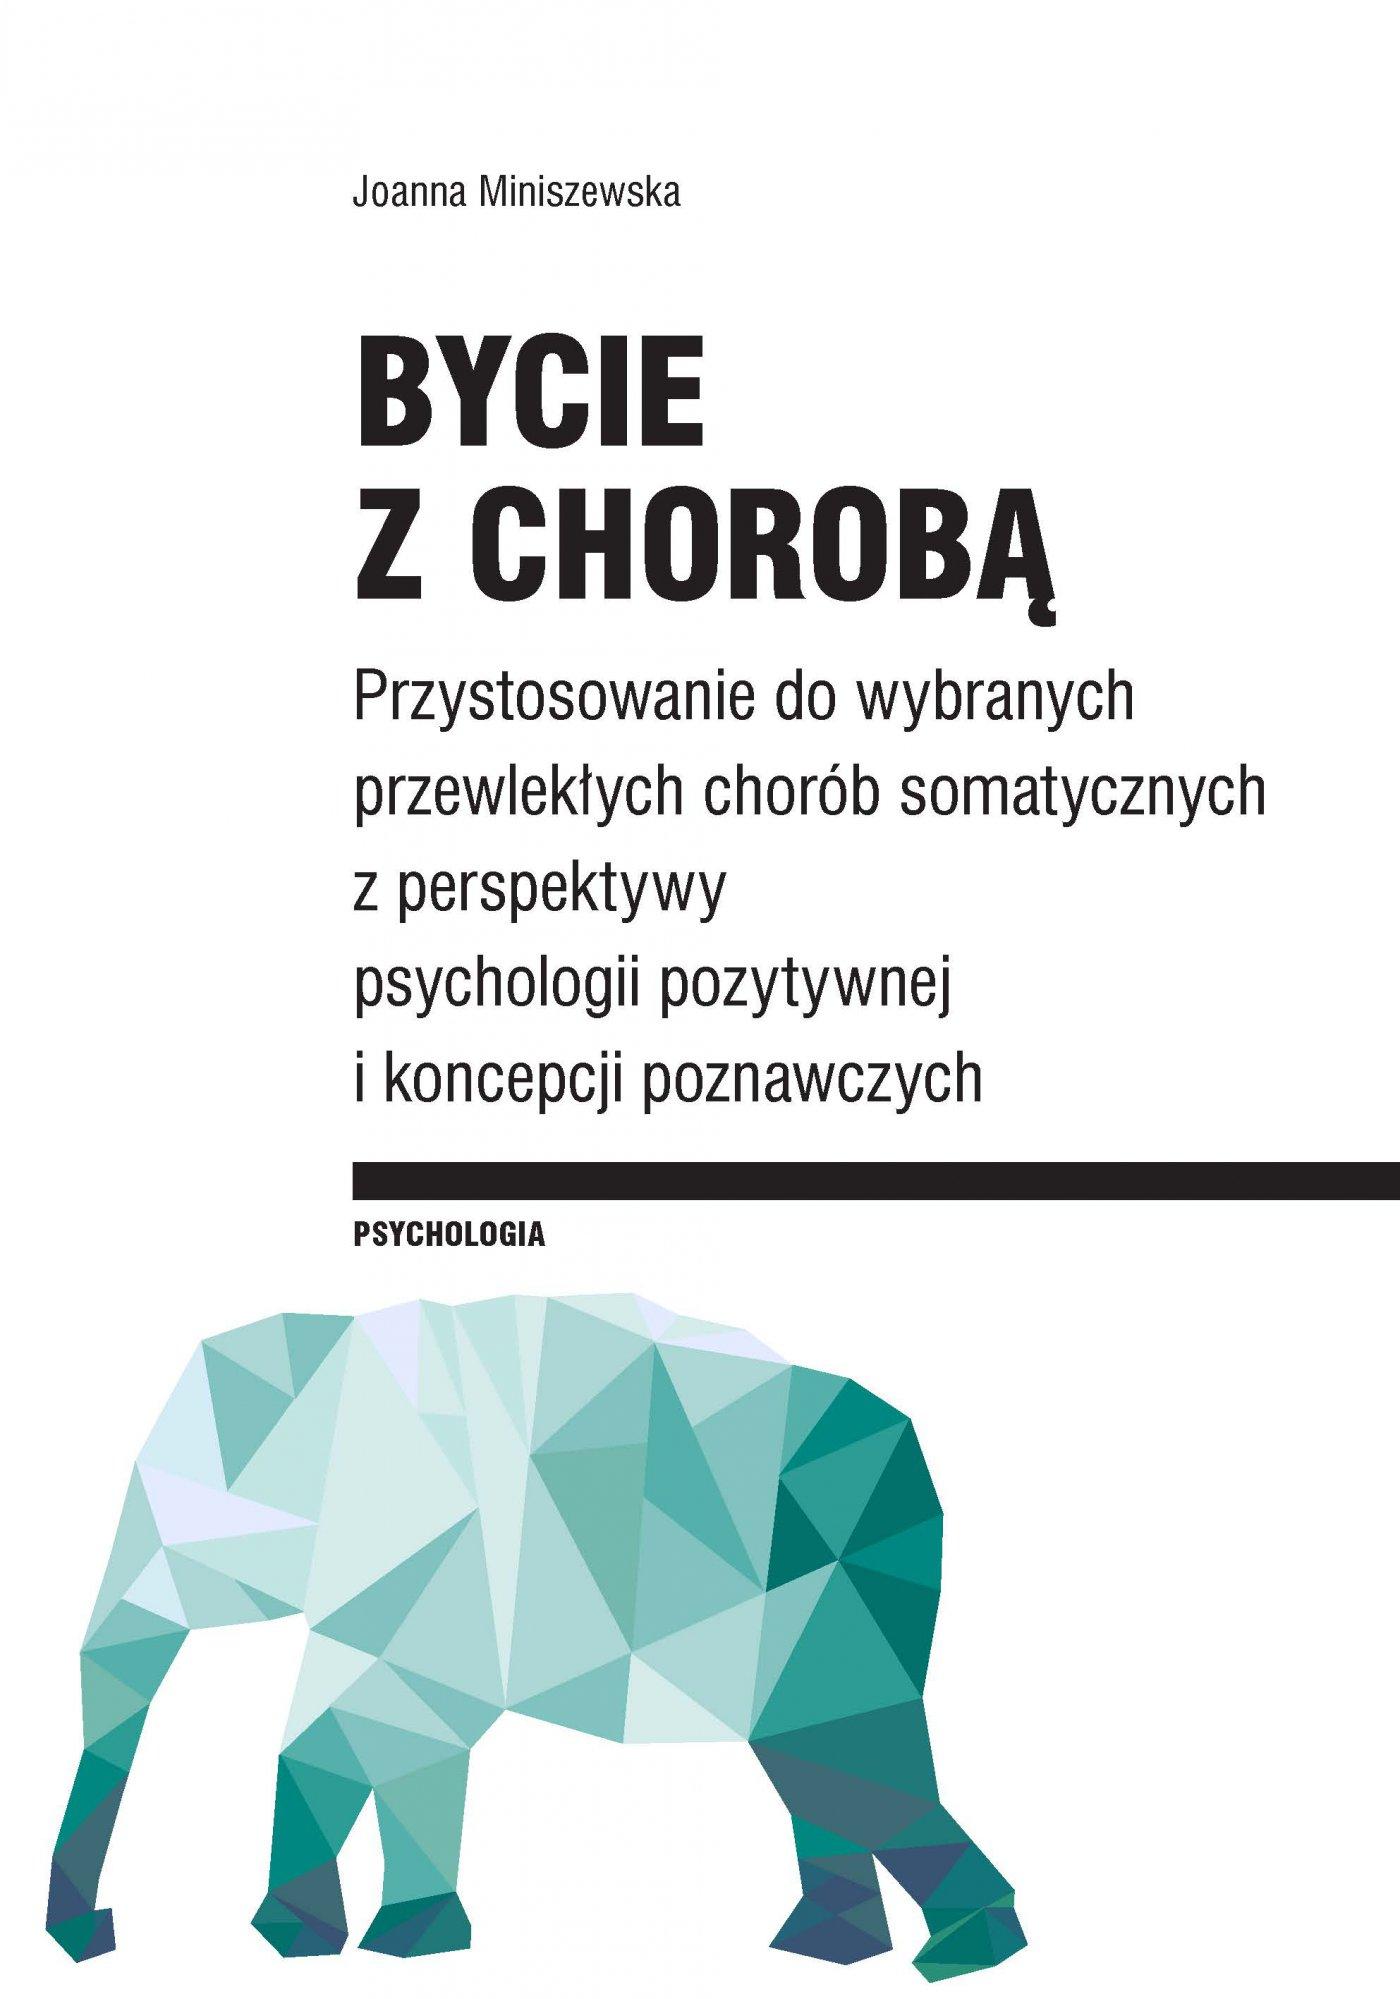 Bycie z chorobą. Przystosowanie do wybranych chorób somatycznych z perspektywy psychologii pozytywnej i koncepcji poznawczych - Ebook (Książka PDF) do pobrania w formacie PDF